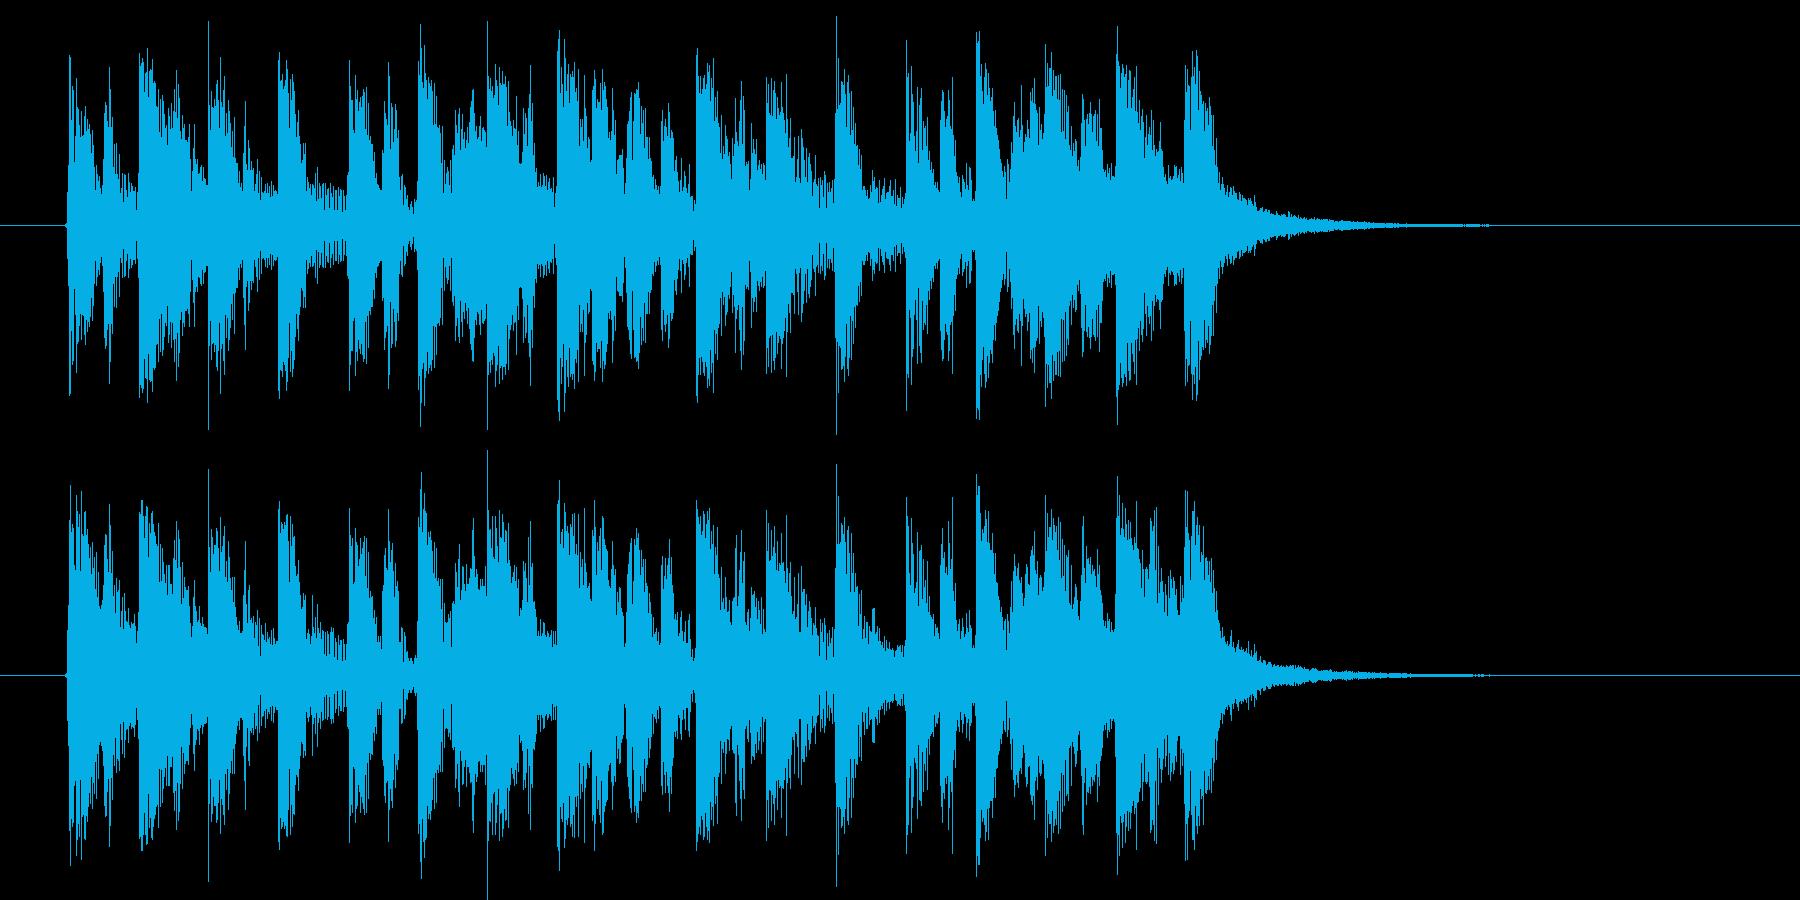 疾走感のあるポップスのジングル曲の再生済みの波形